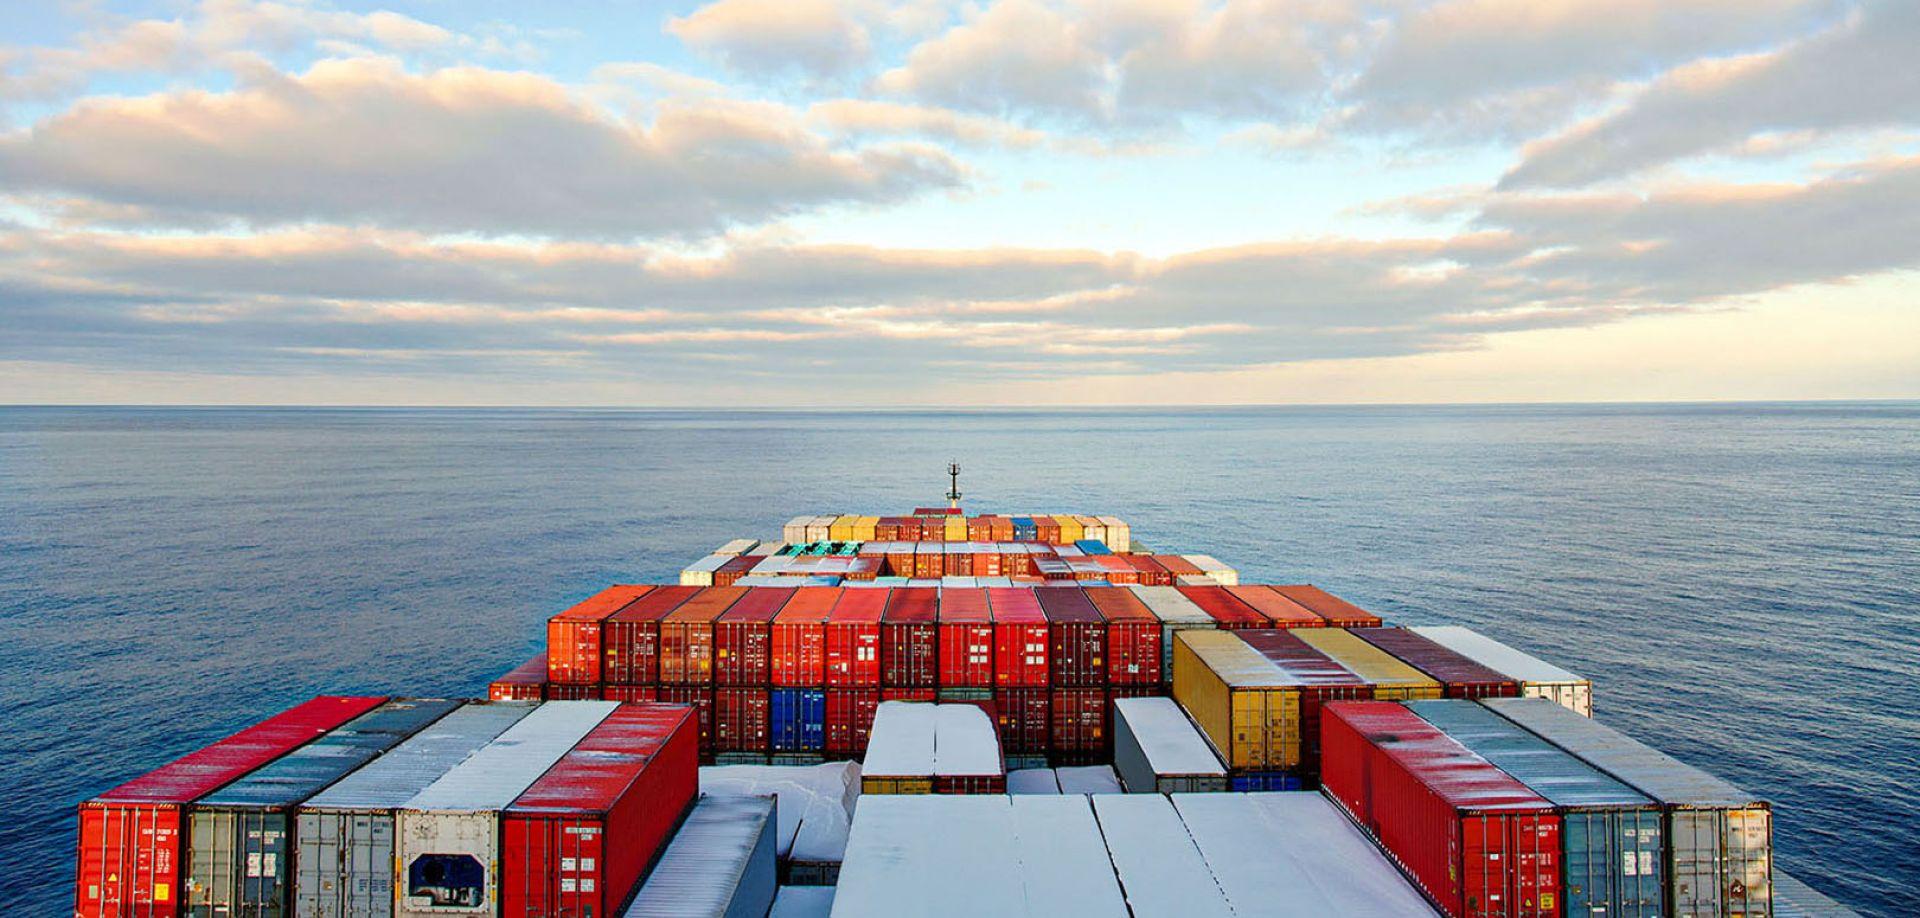 Gaat u emigreren? Wij loodsen u graag door het logistieke proces.